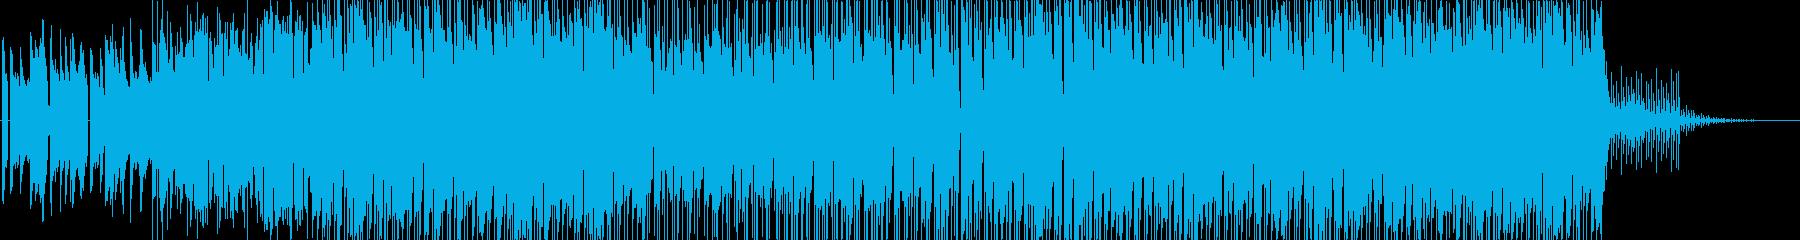 カラフルで弾けるような明るいポップスの再生済みの波形